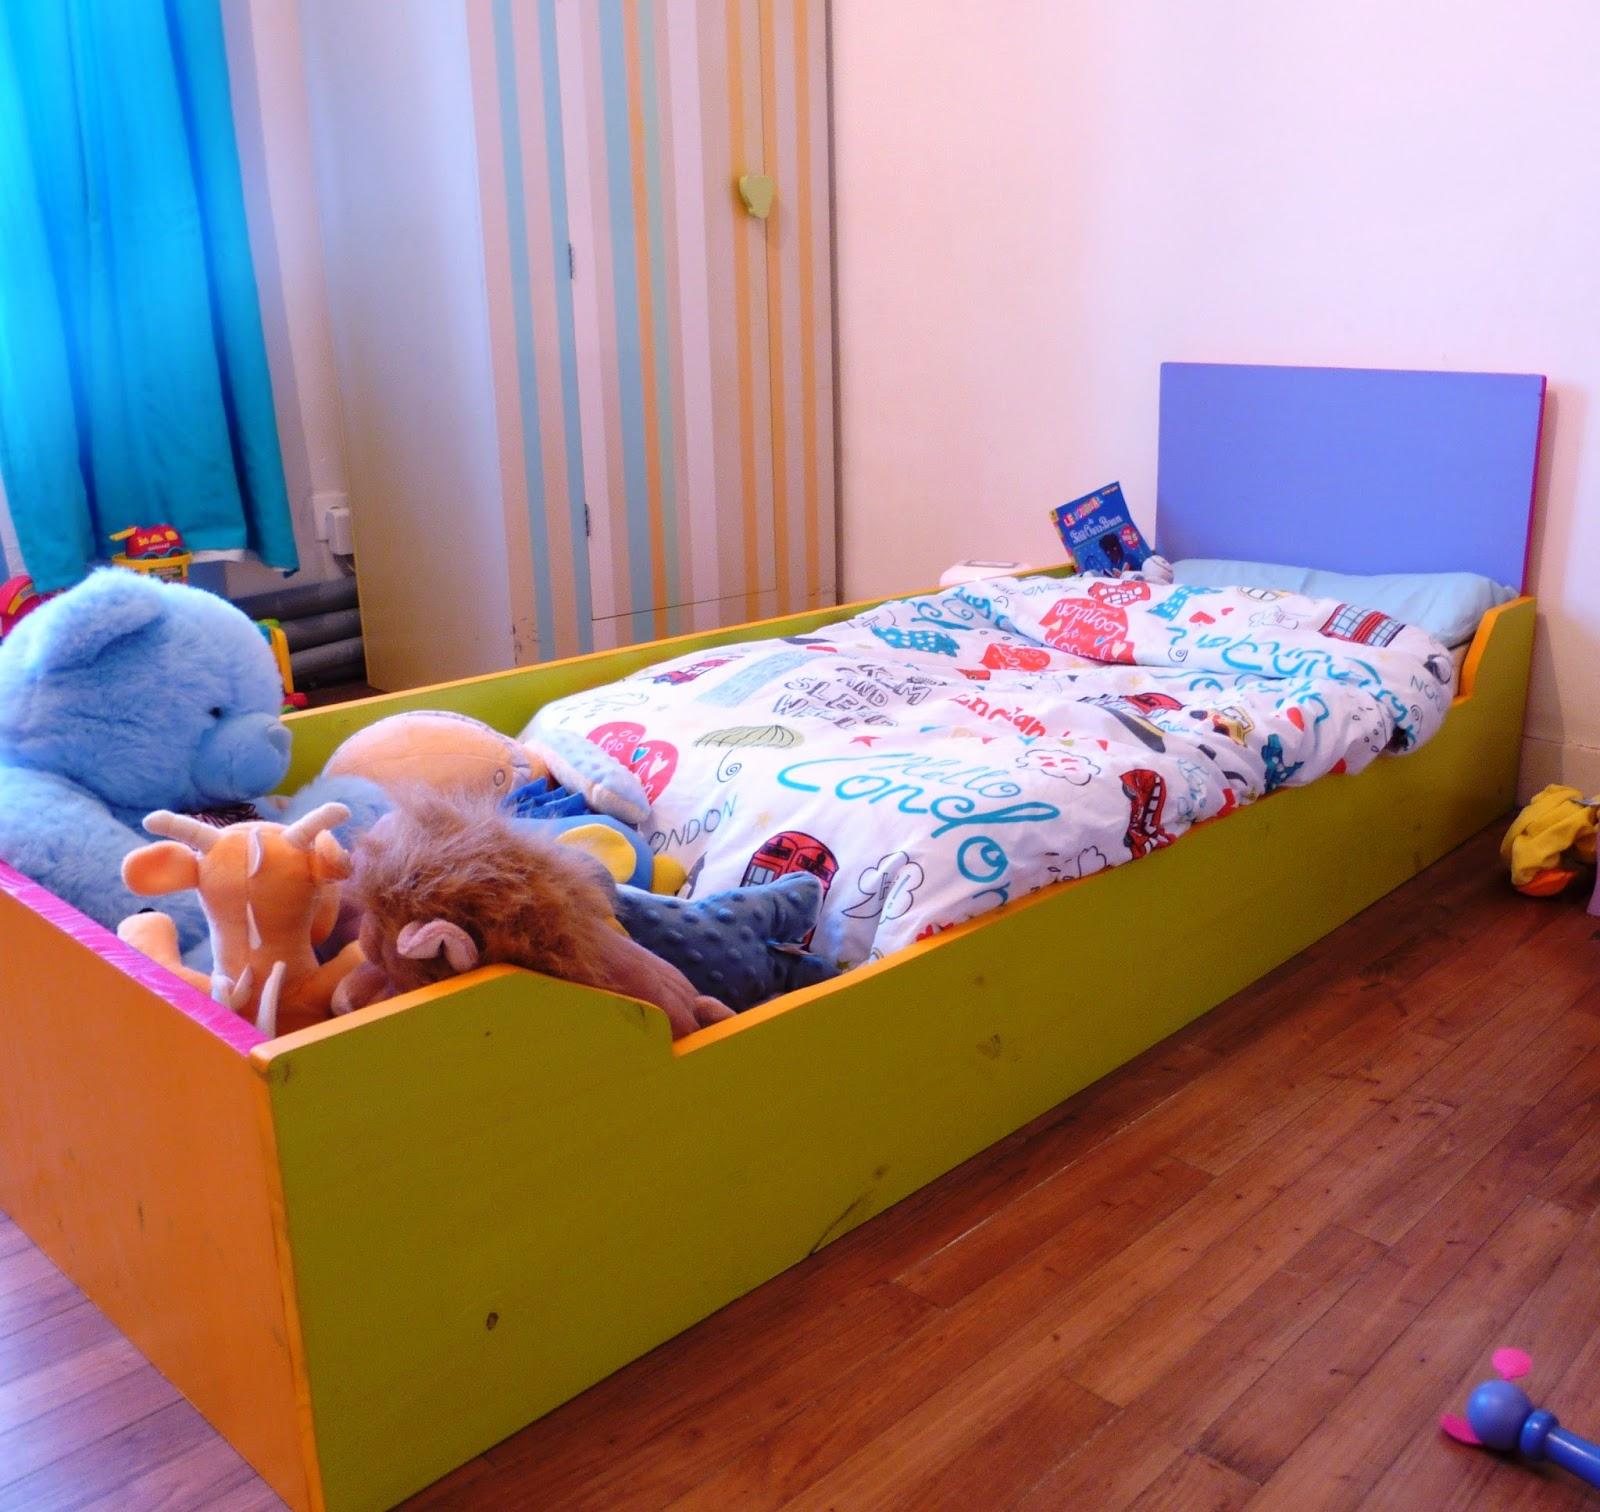 Y a comme du montessori au lieu dit de keringar l 39 univers pour dormir - Dormir sur un futon ...